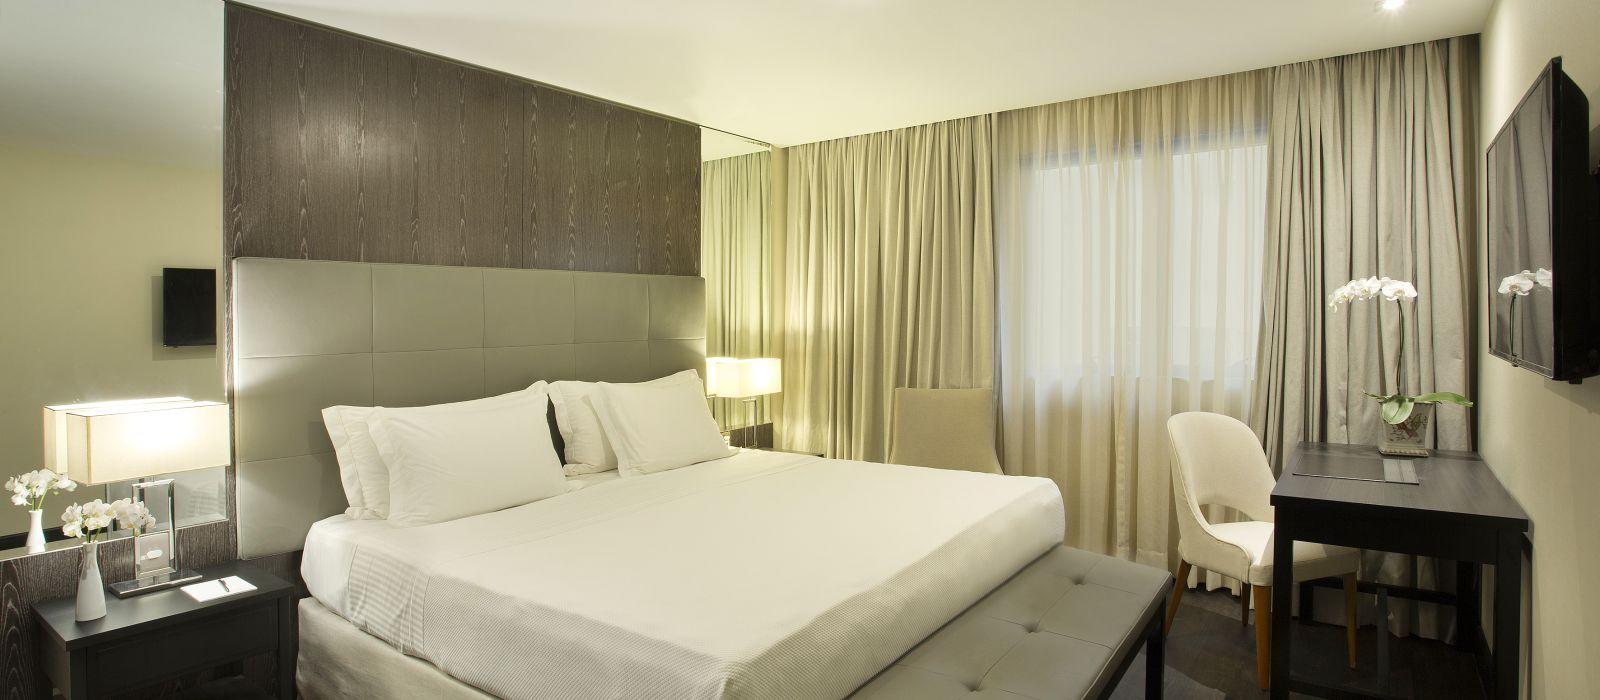 Hotel Windsor California Brazil